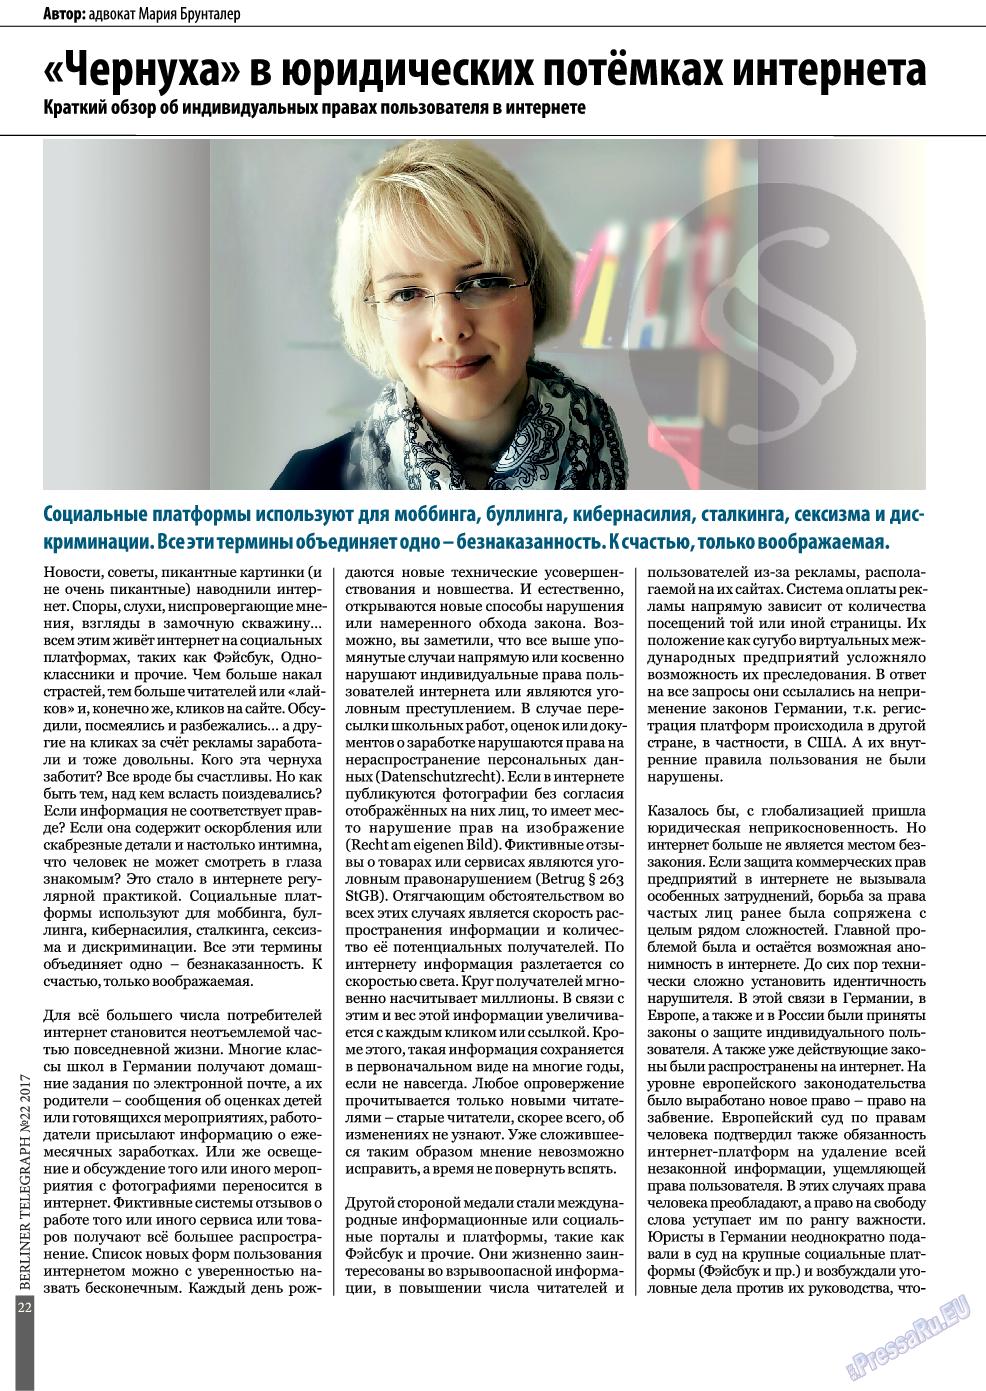 Берлинский телеграф (журнал). 2017 год, номер 22, стр. 22